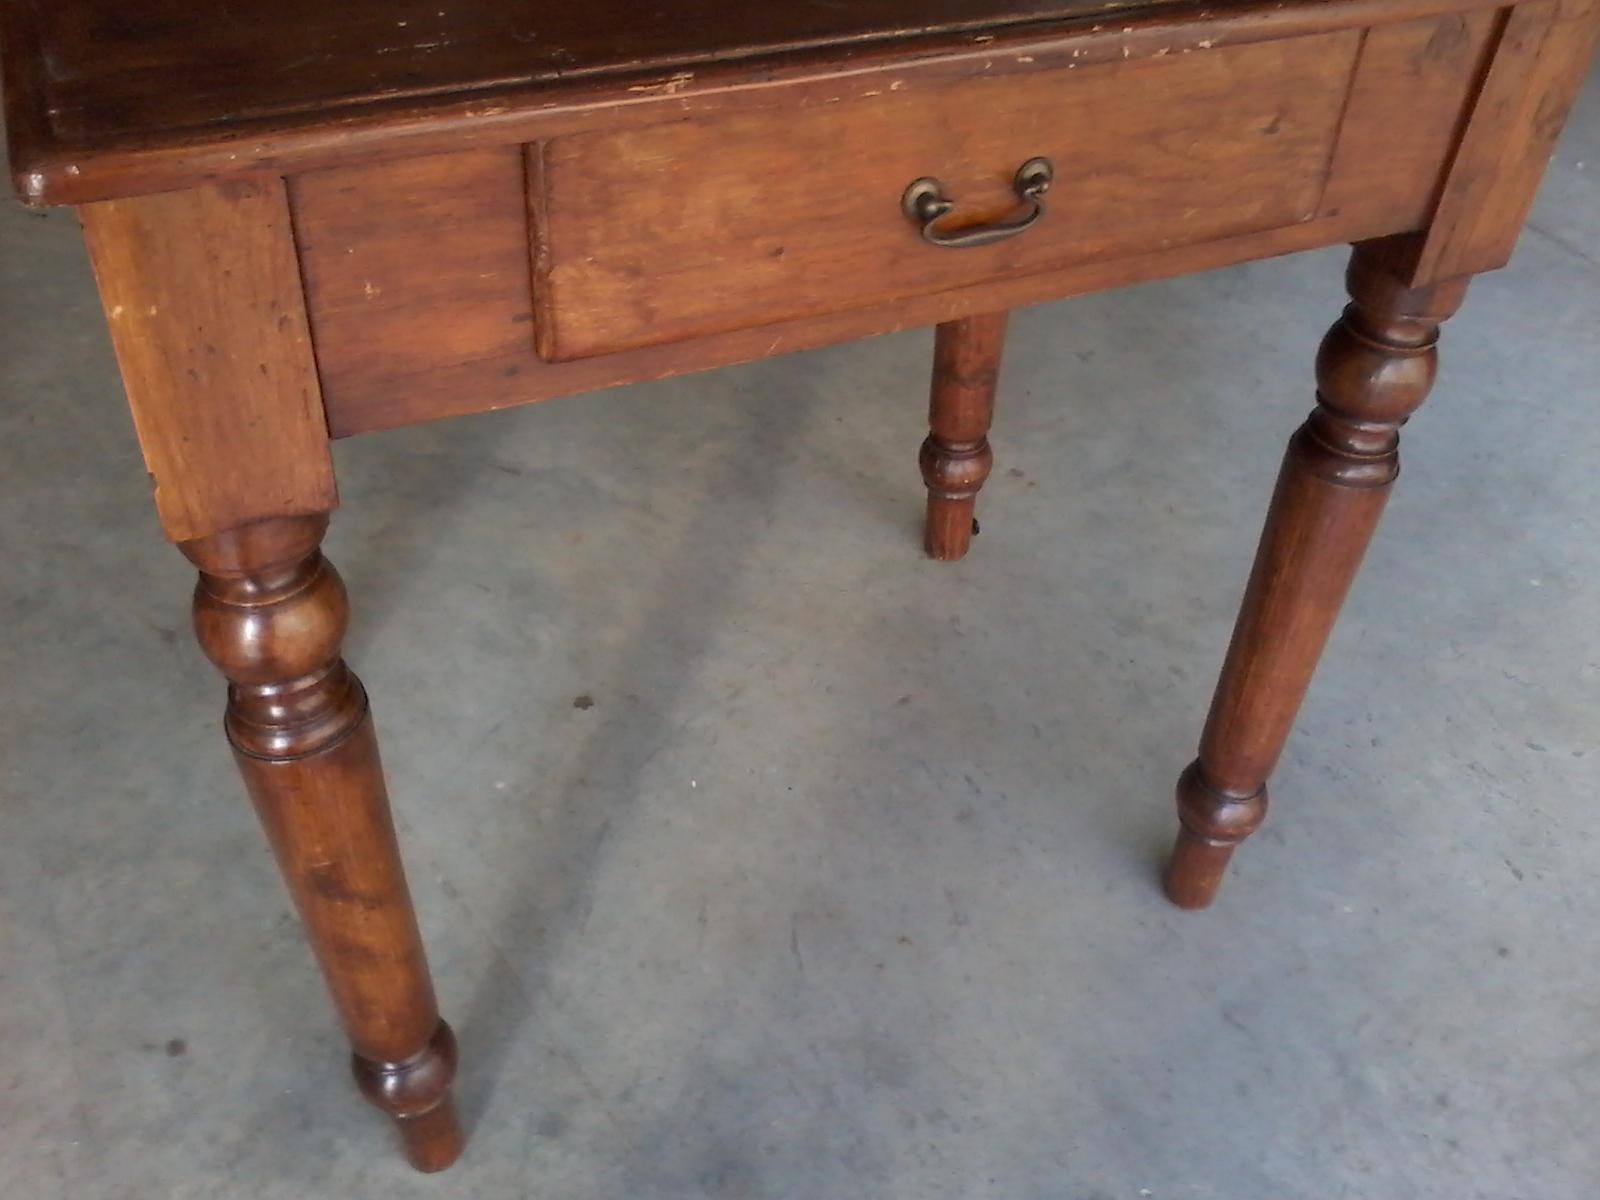 Anu tavolo tavolino piedi torniti antiquariato legno abete anni 40 epoca ebay - Piedi per tavolo in legno ...